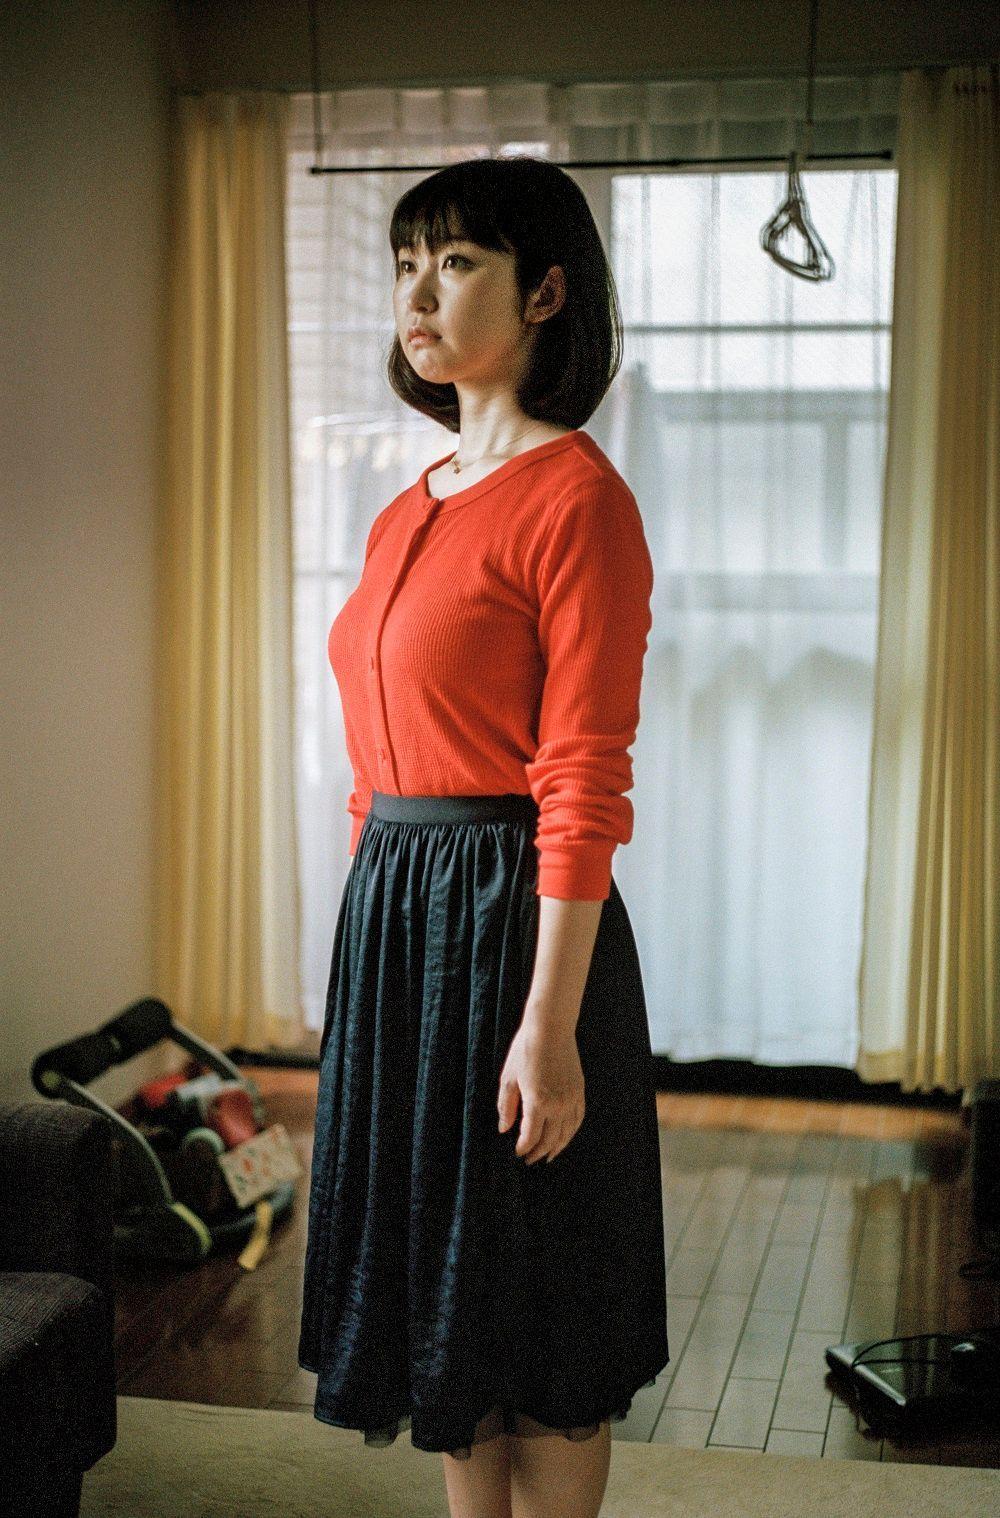 YumiIshikawa